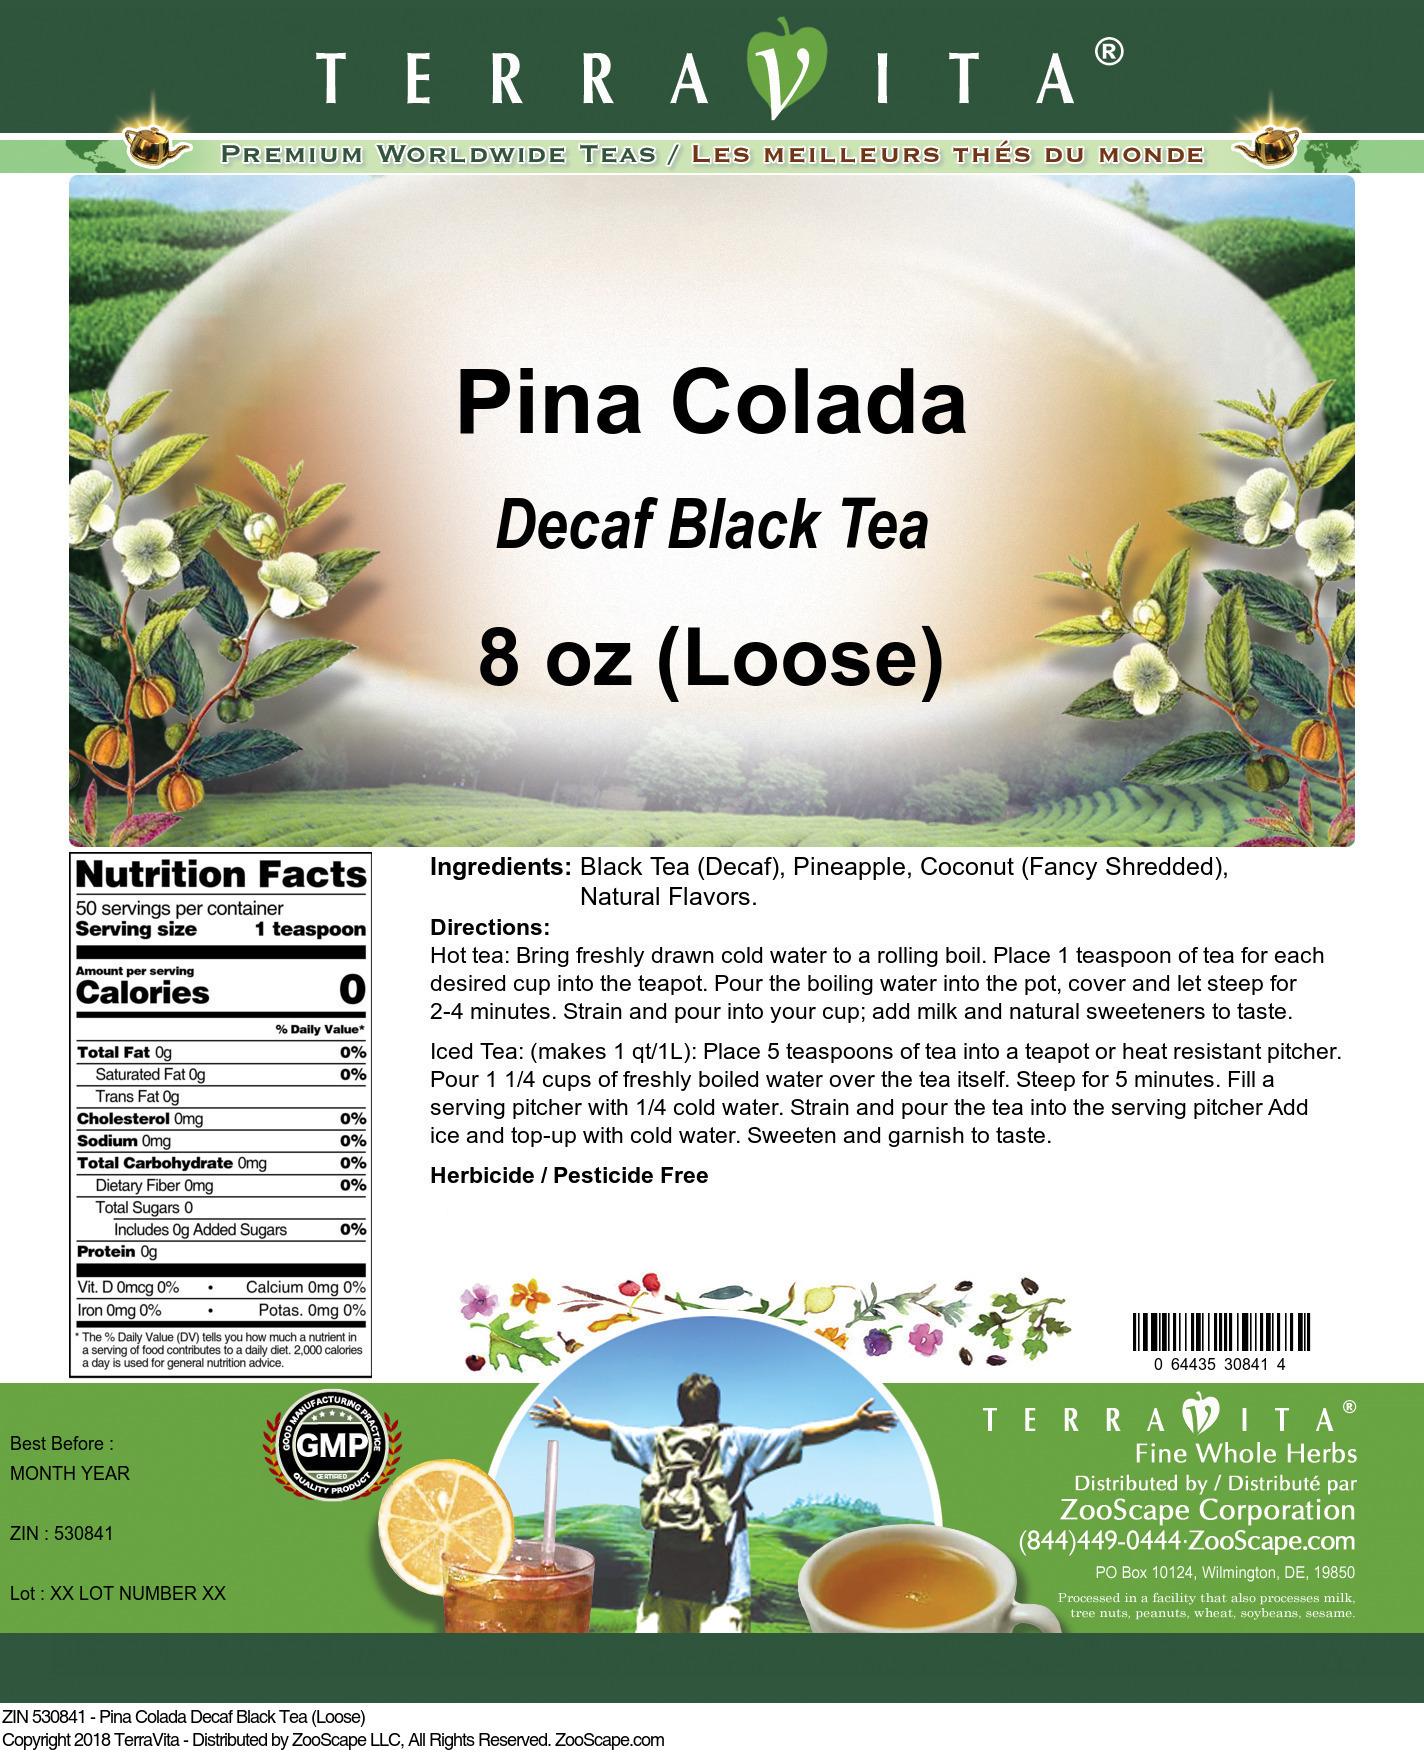 Pina Colada Decaf Black Tea